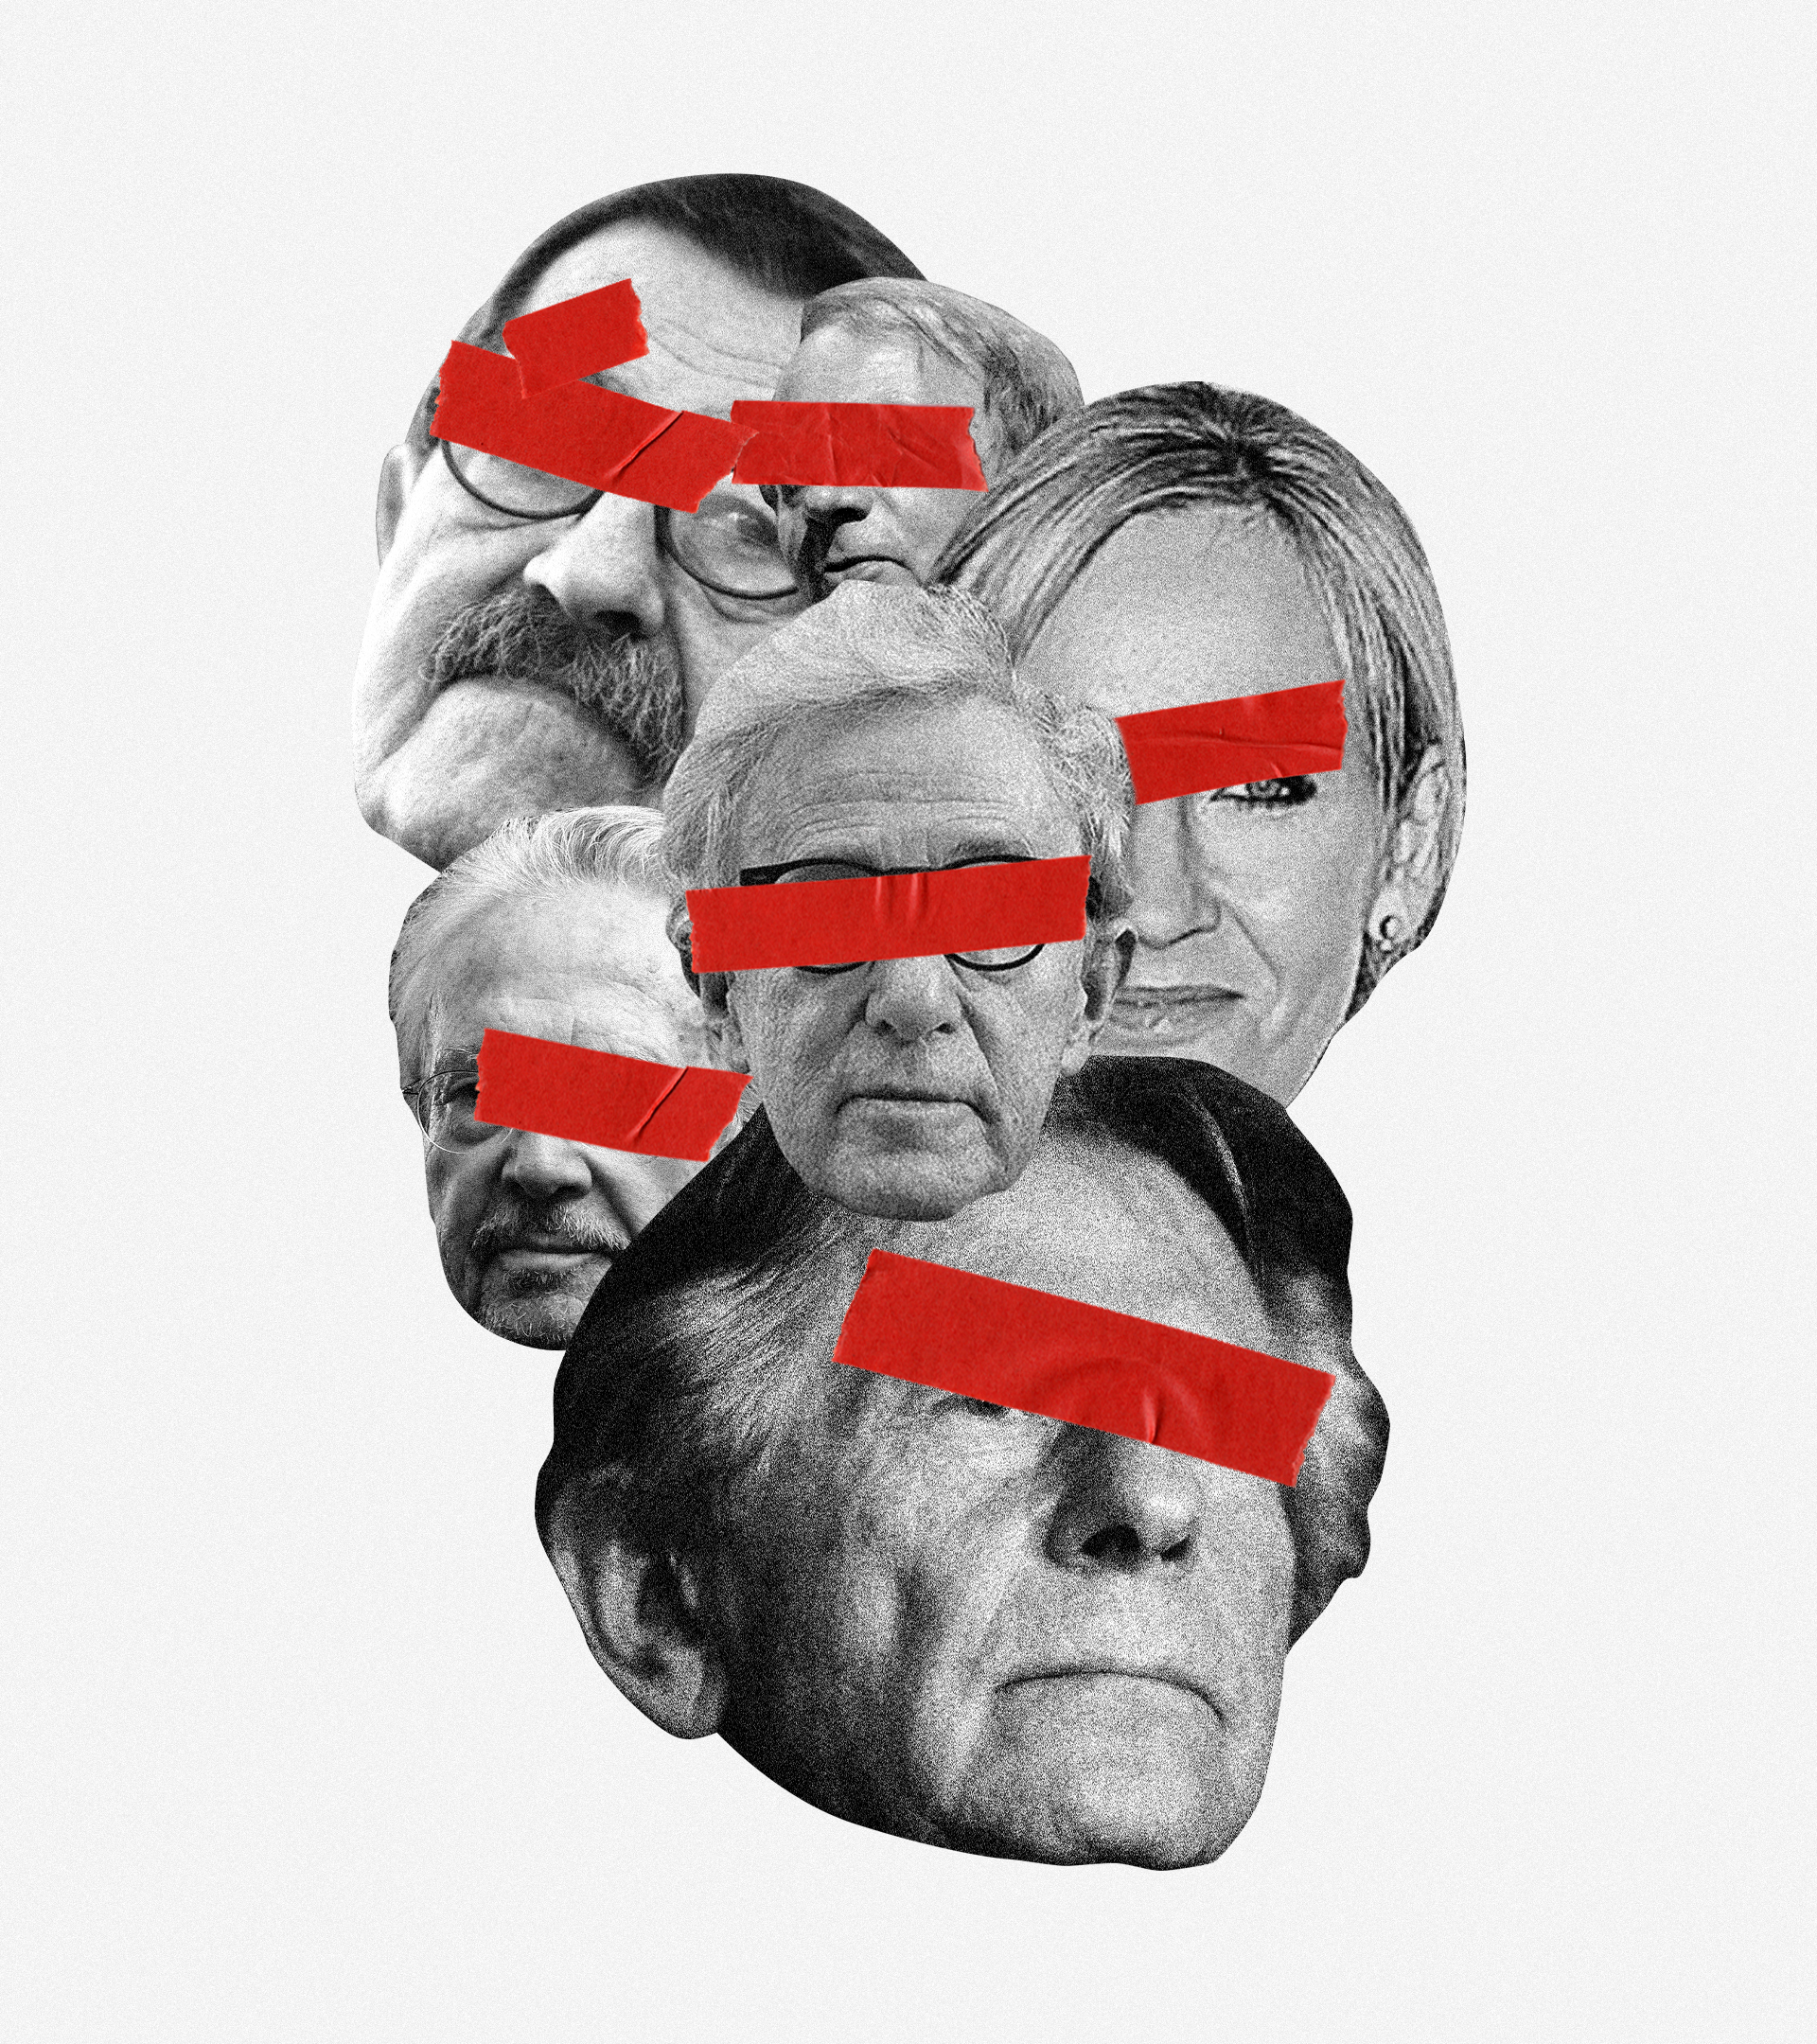 """Woody Allen, Polanski y la hoguera de la cancelación: """"El borrado lleva a la amnesia colectiva"""""""